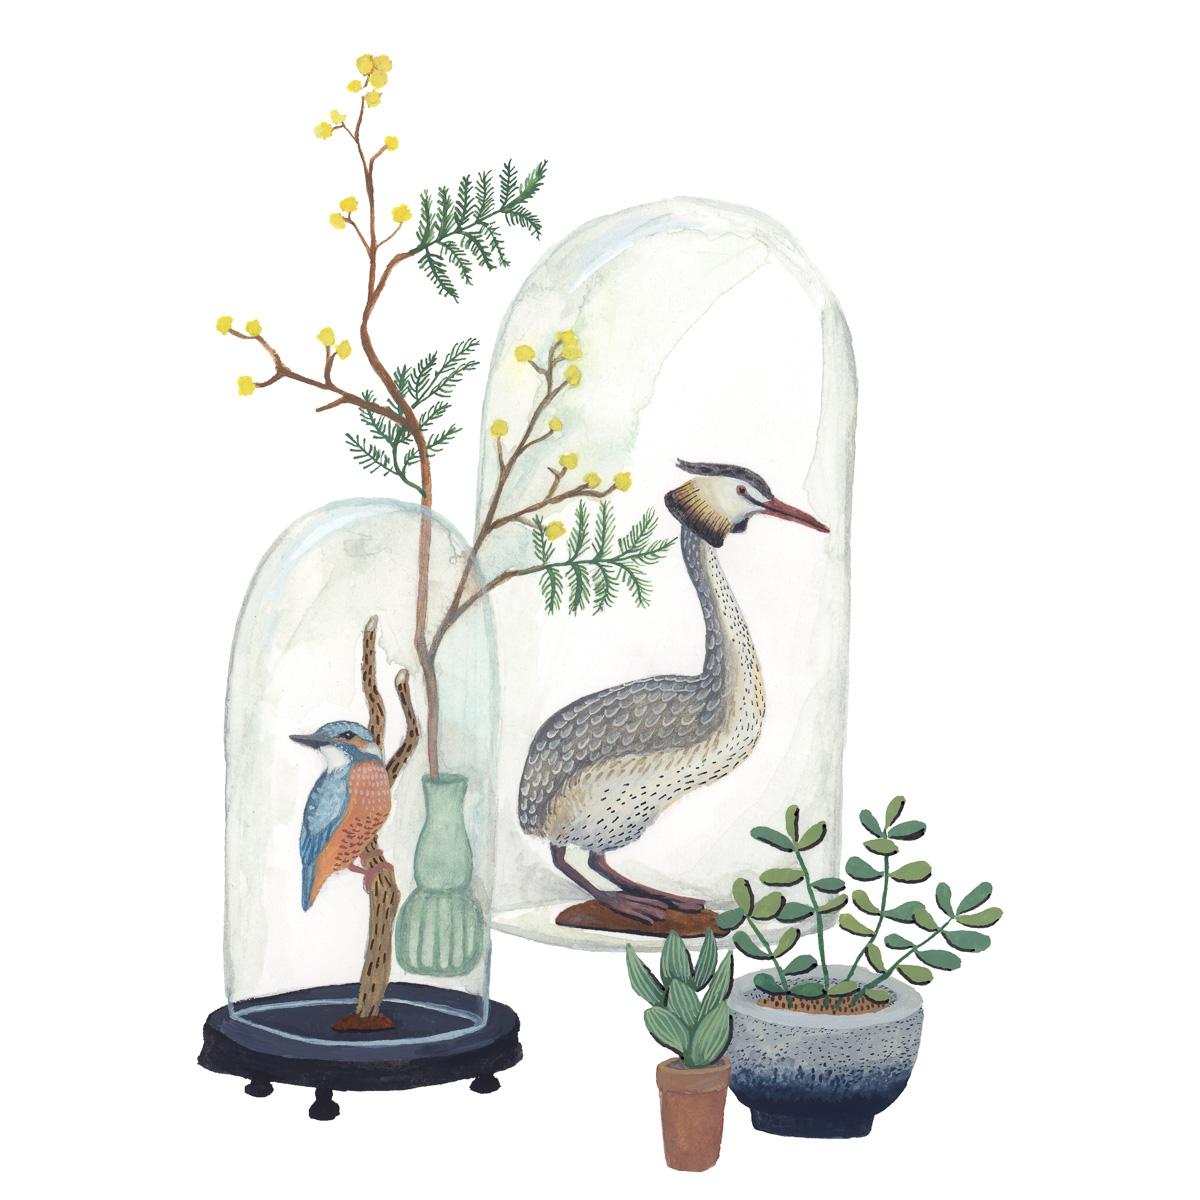 planten-stilleven-plantenillustratie-plantenschilderij-lacabaneenvoyage12.jpg